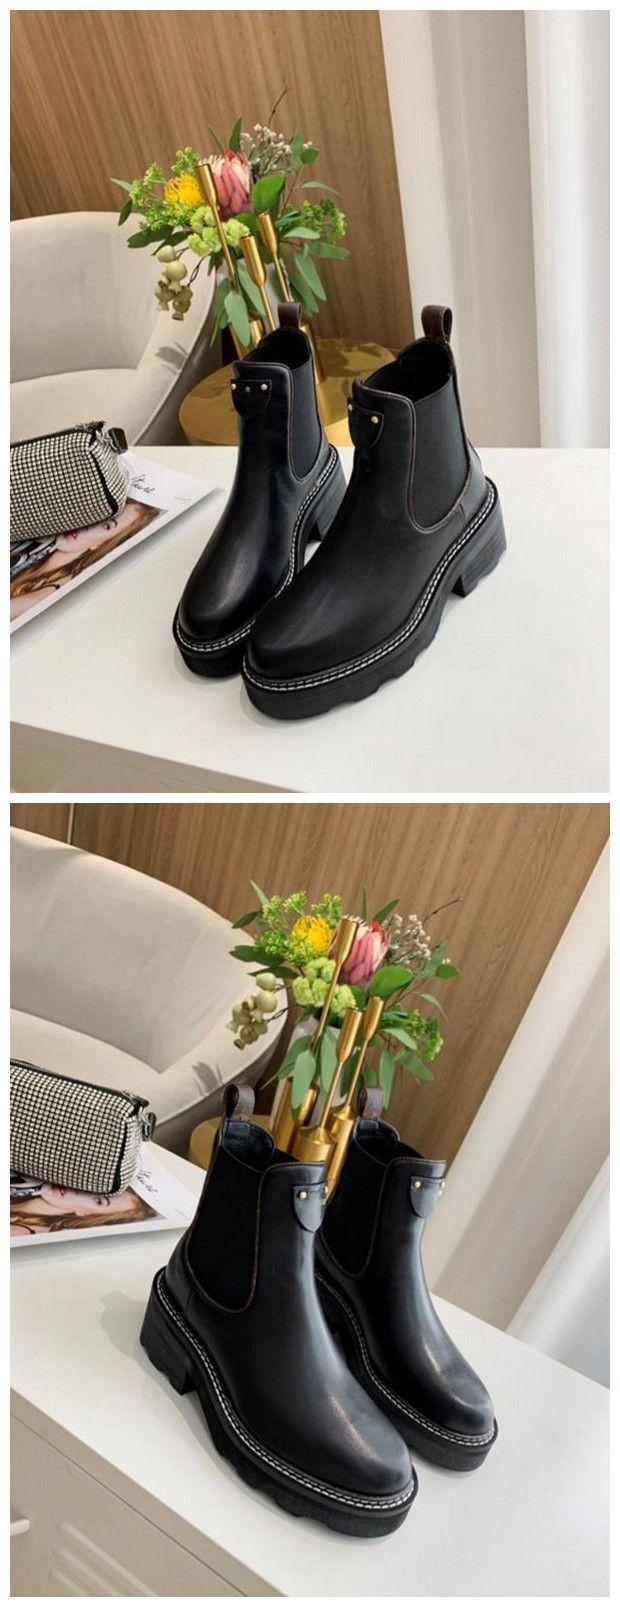 Mejores botas CALIDAD BEAUBOURG tobillo Zapatos de mujer botas de invierno muchachas de las señoras de seda de la piel de vacuno de alta Top para mujer plana del cargador del tobillo